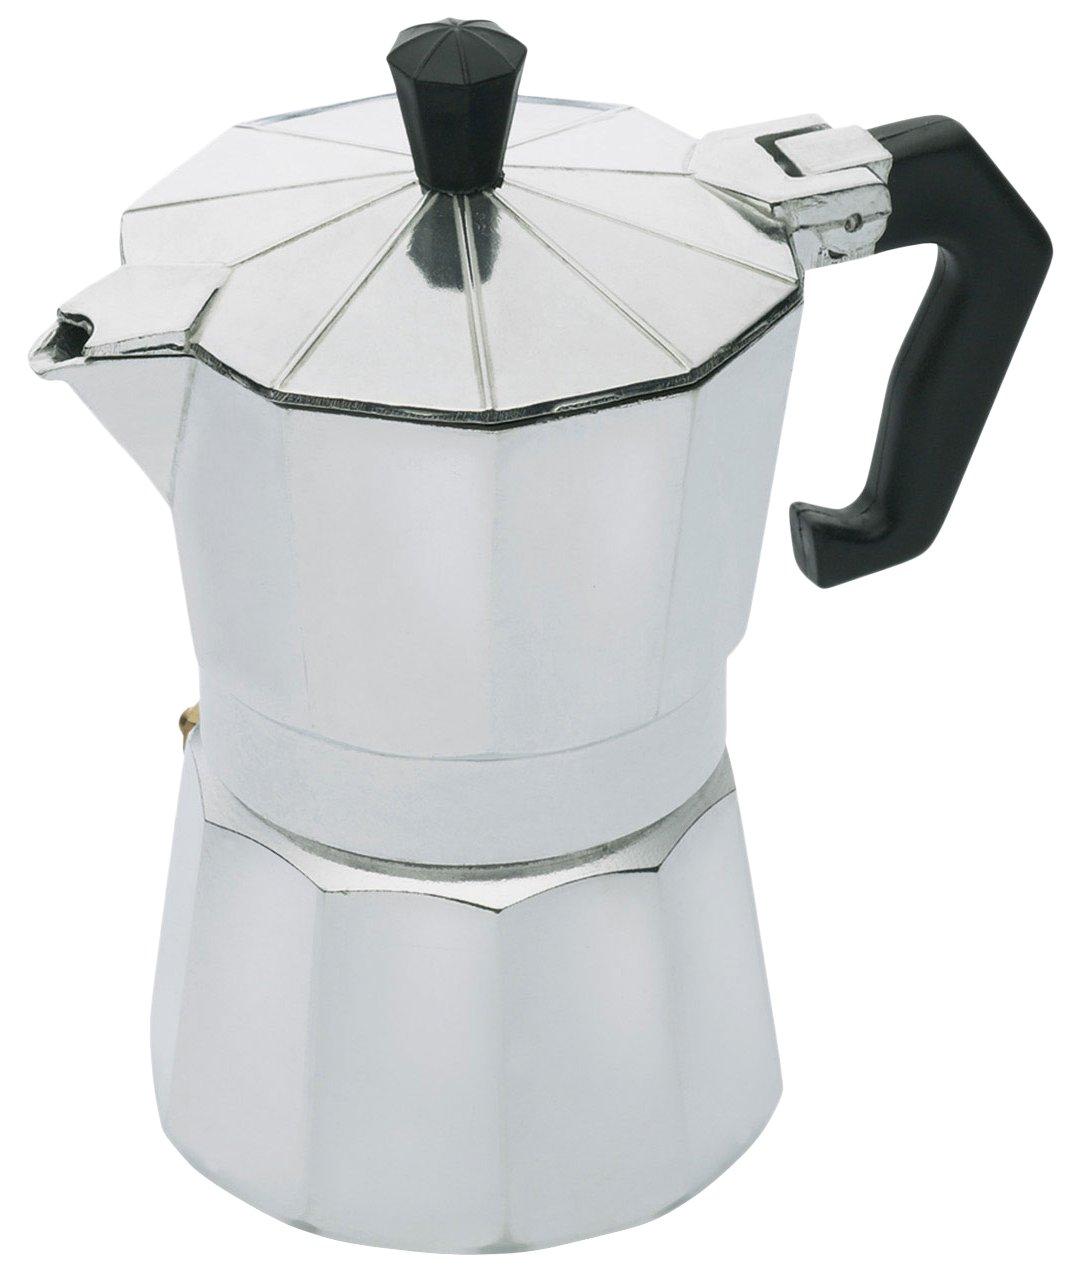 120ml Le'xpress Italian Style Three Cup Espresso Coffee Maker